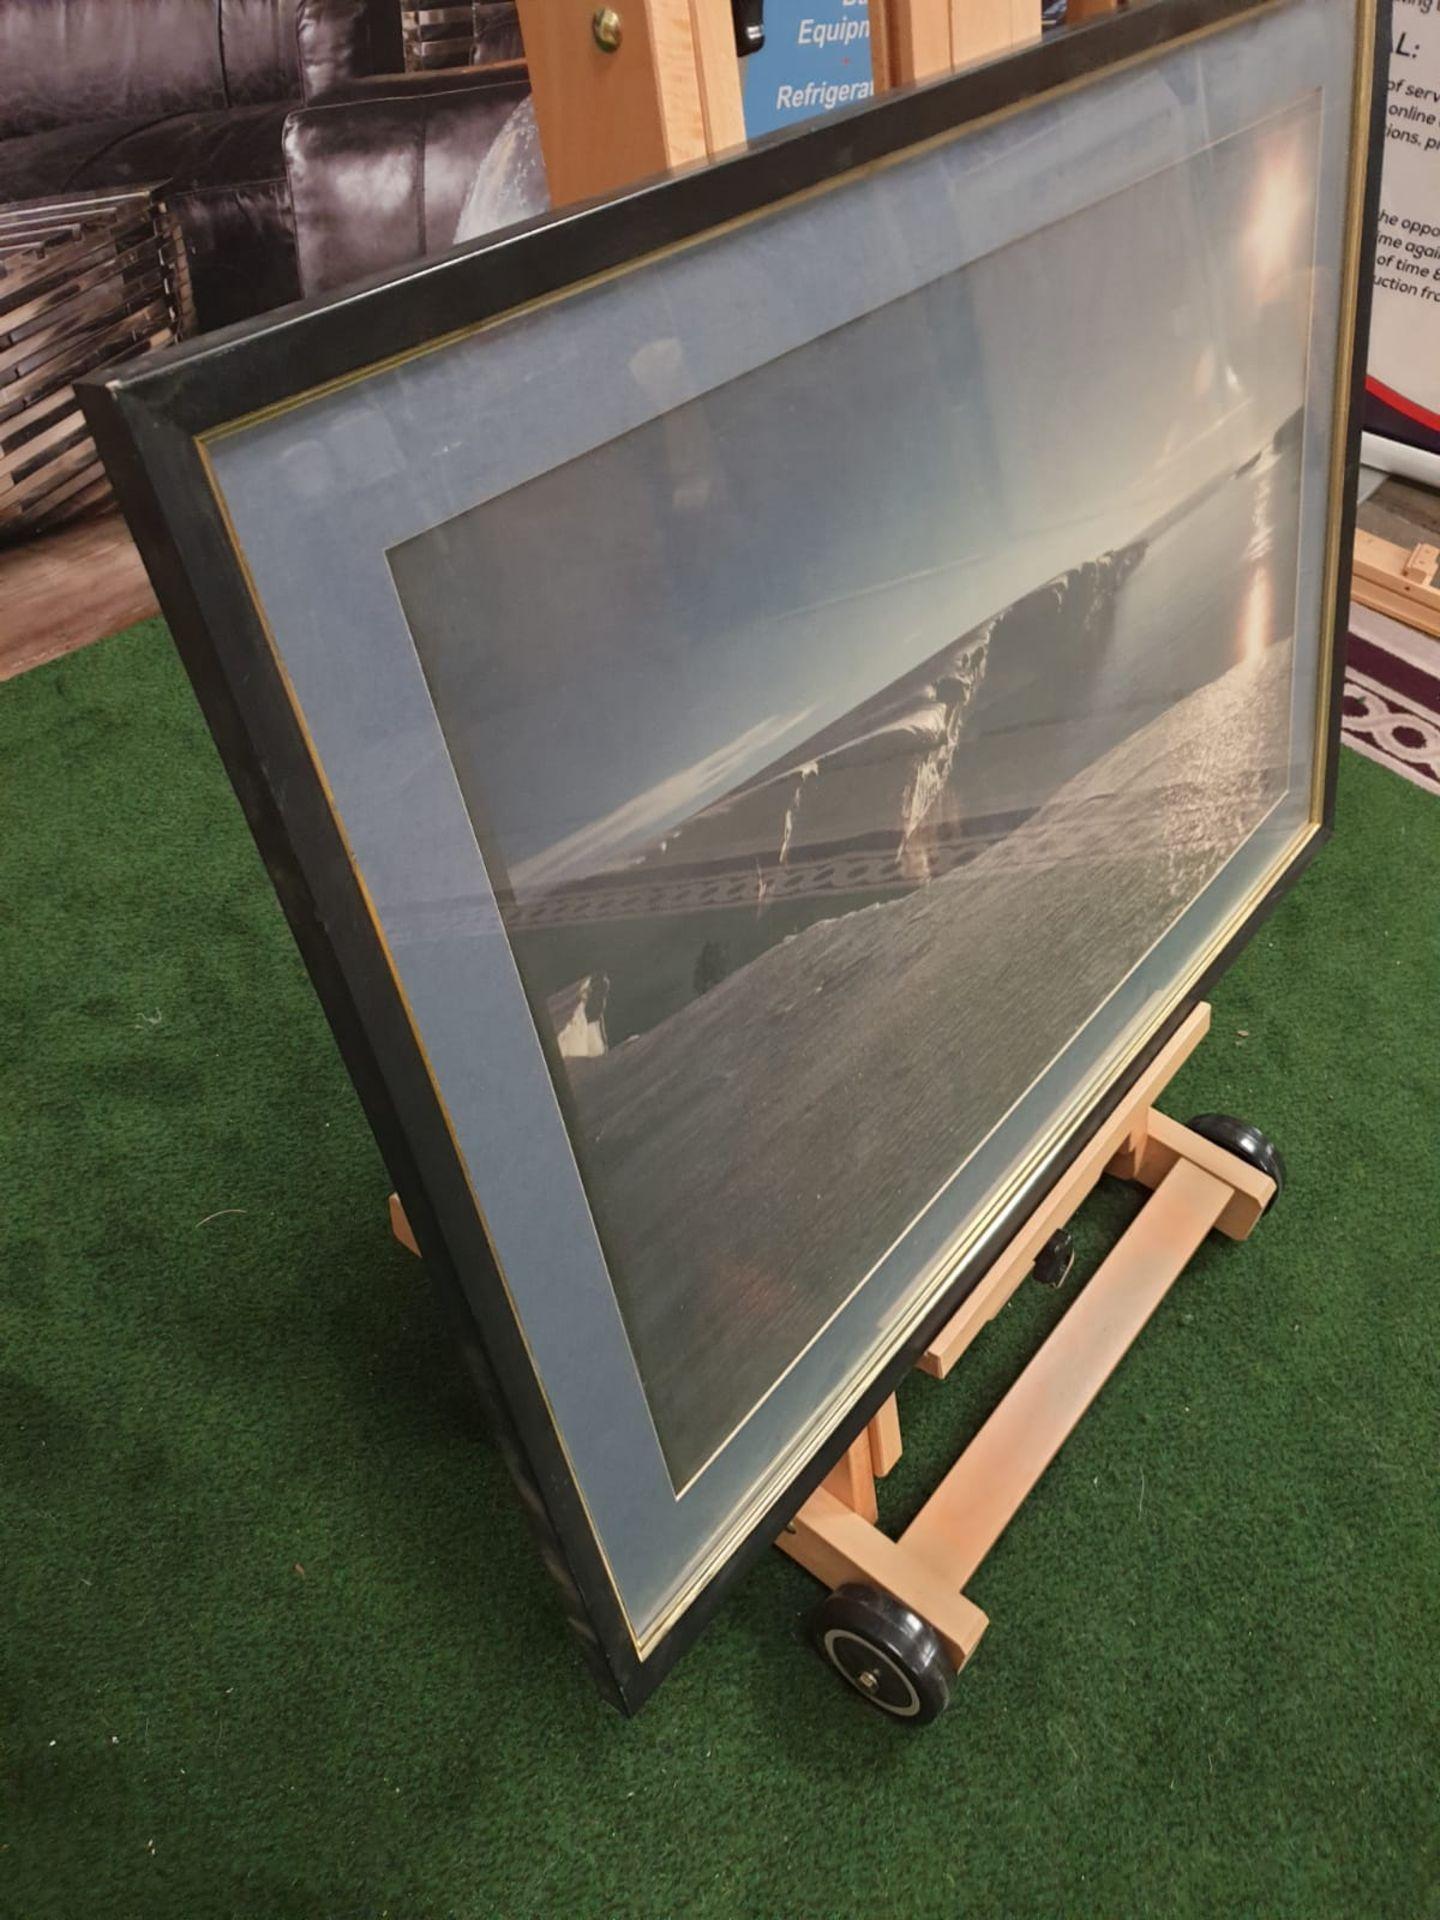 A large framed Seascape - Glaciers modern black frame 90 x 65 - Image 3 of 4